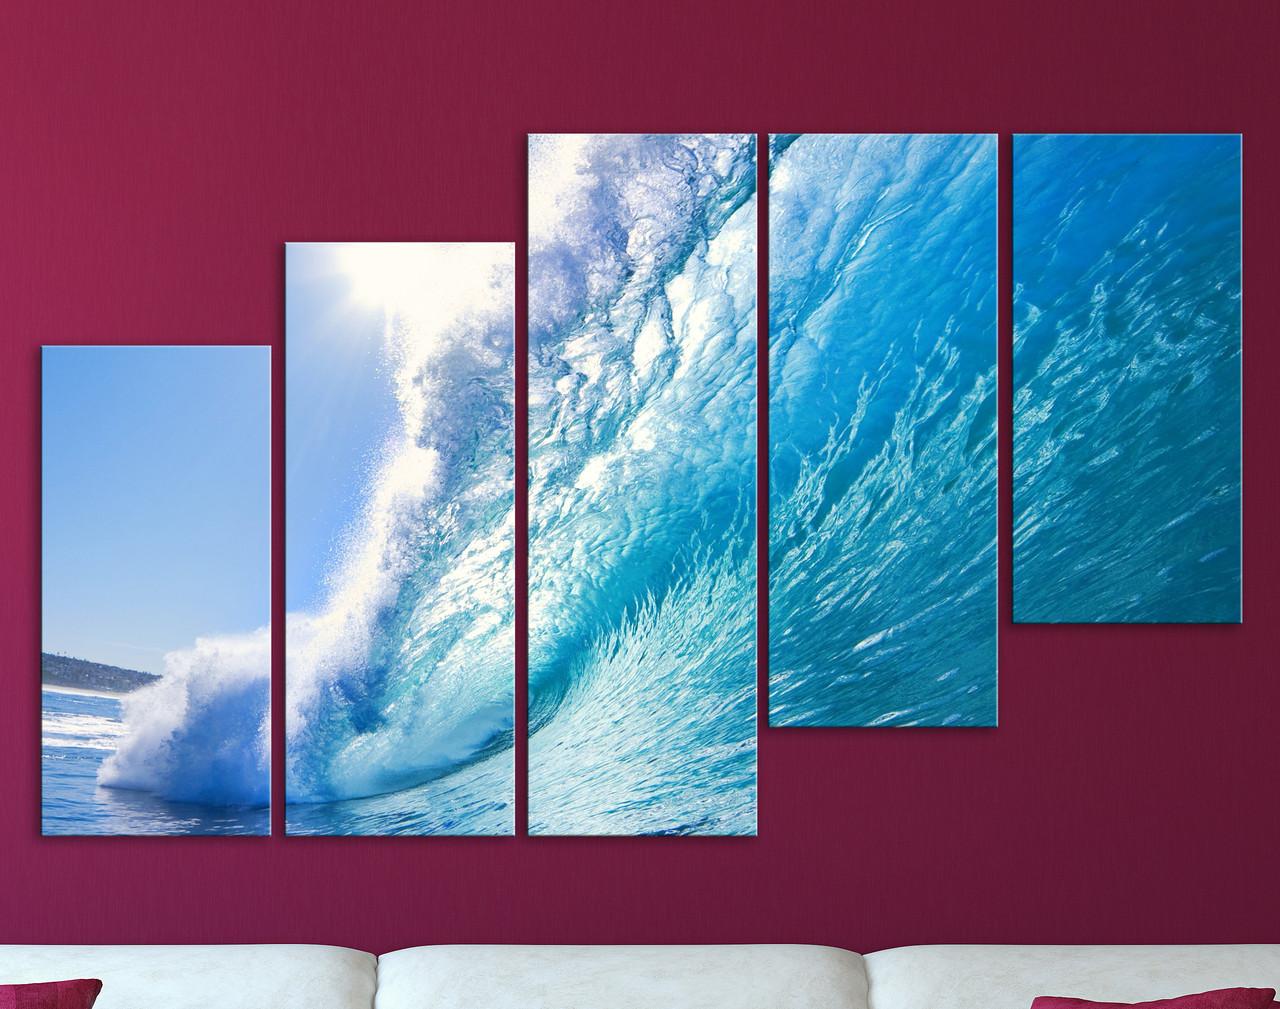 Модульная картина Океанская волна